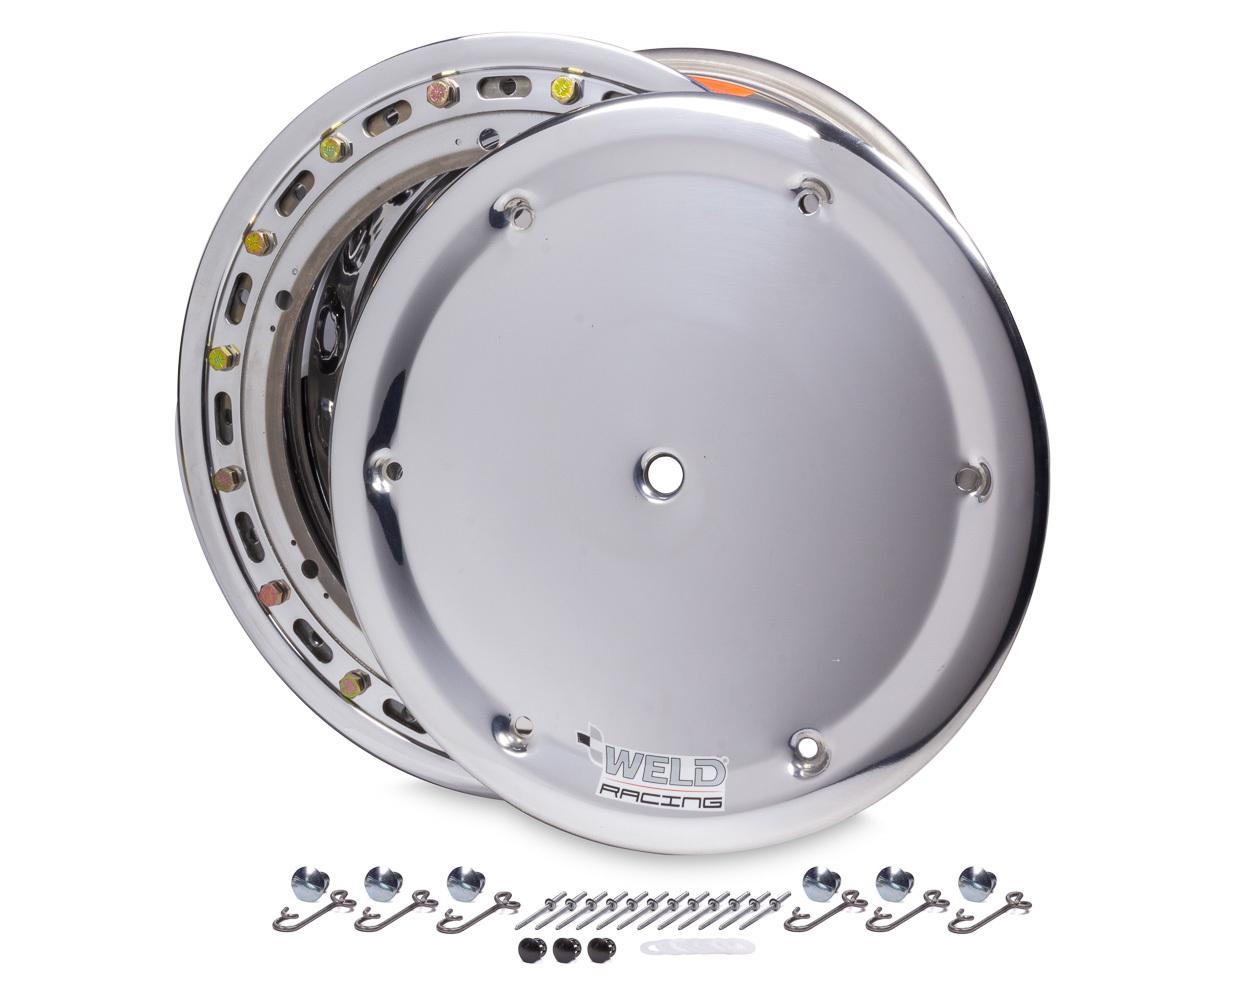 WELD RACING 15x10 Wide 5 HS 5in BS Bead-Loc w/Cover P/N - 570-5055-6